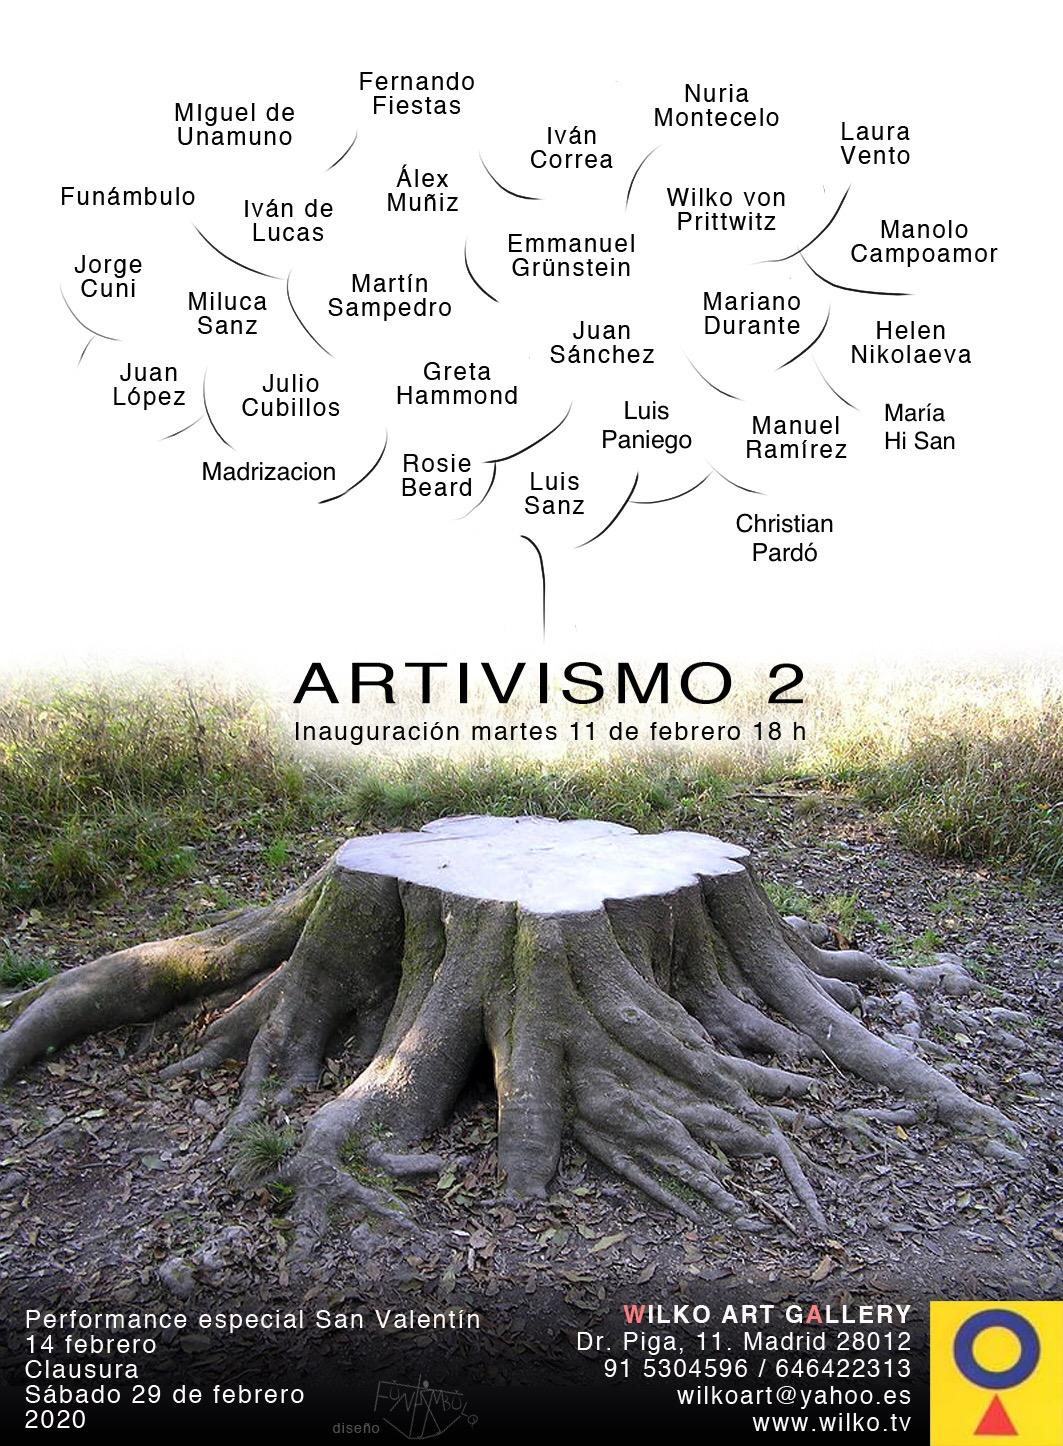 Artivismo2